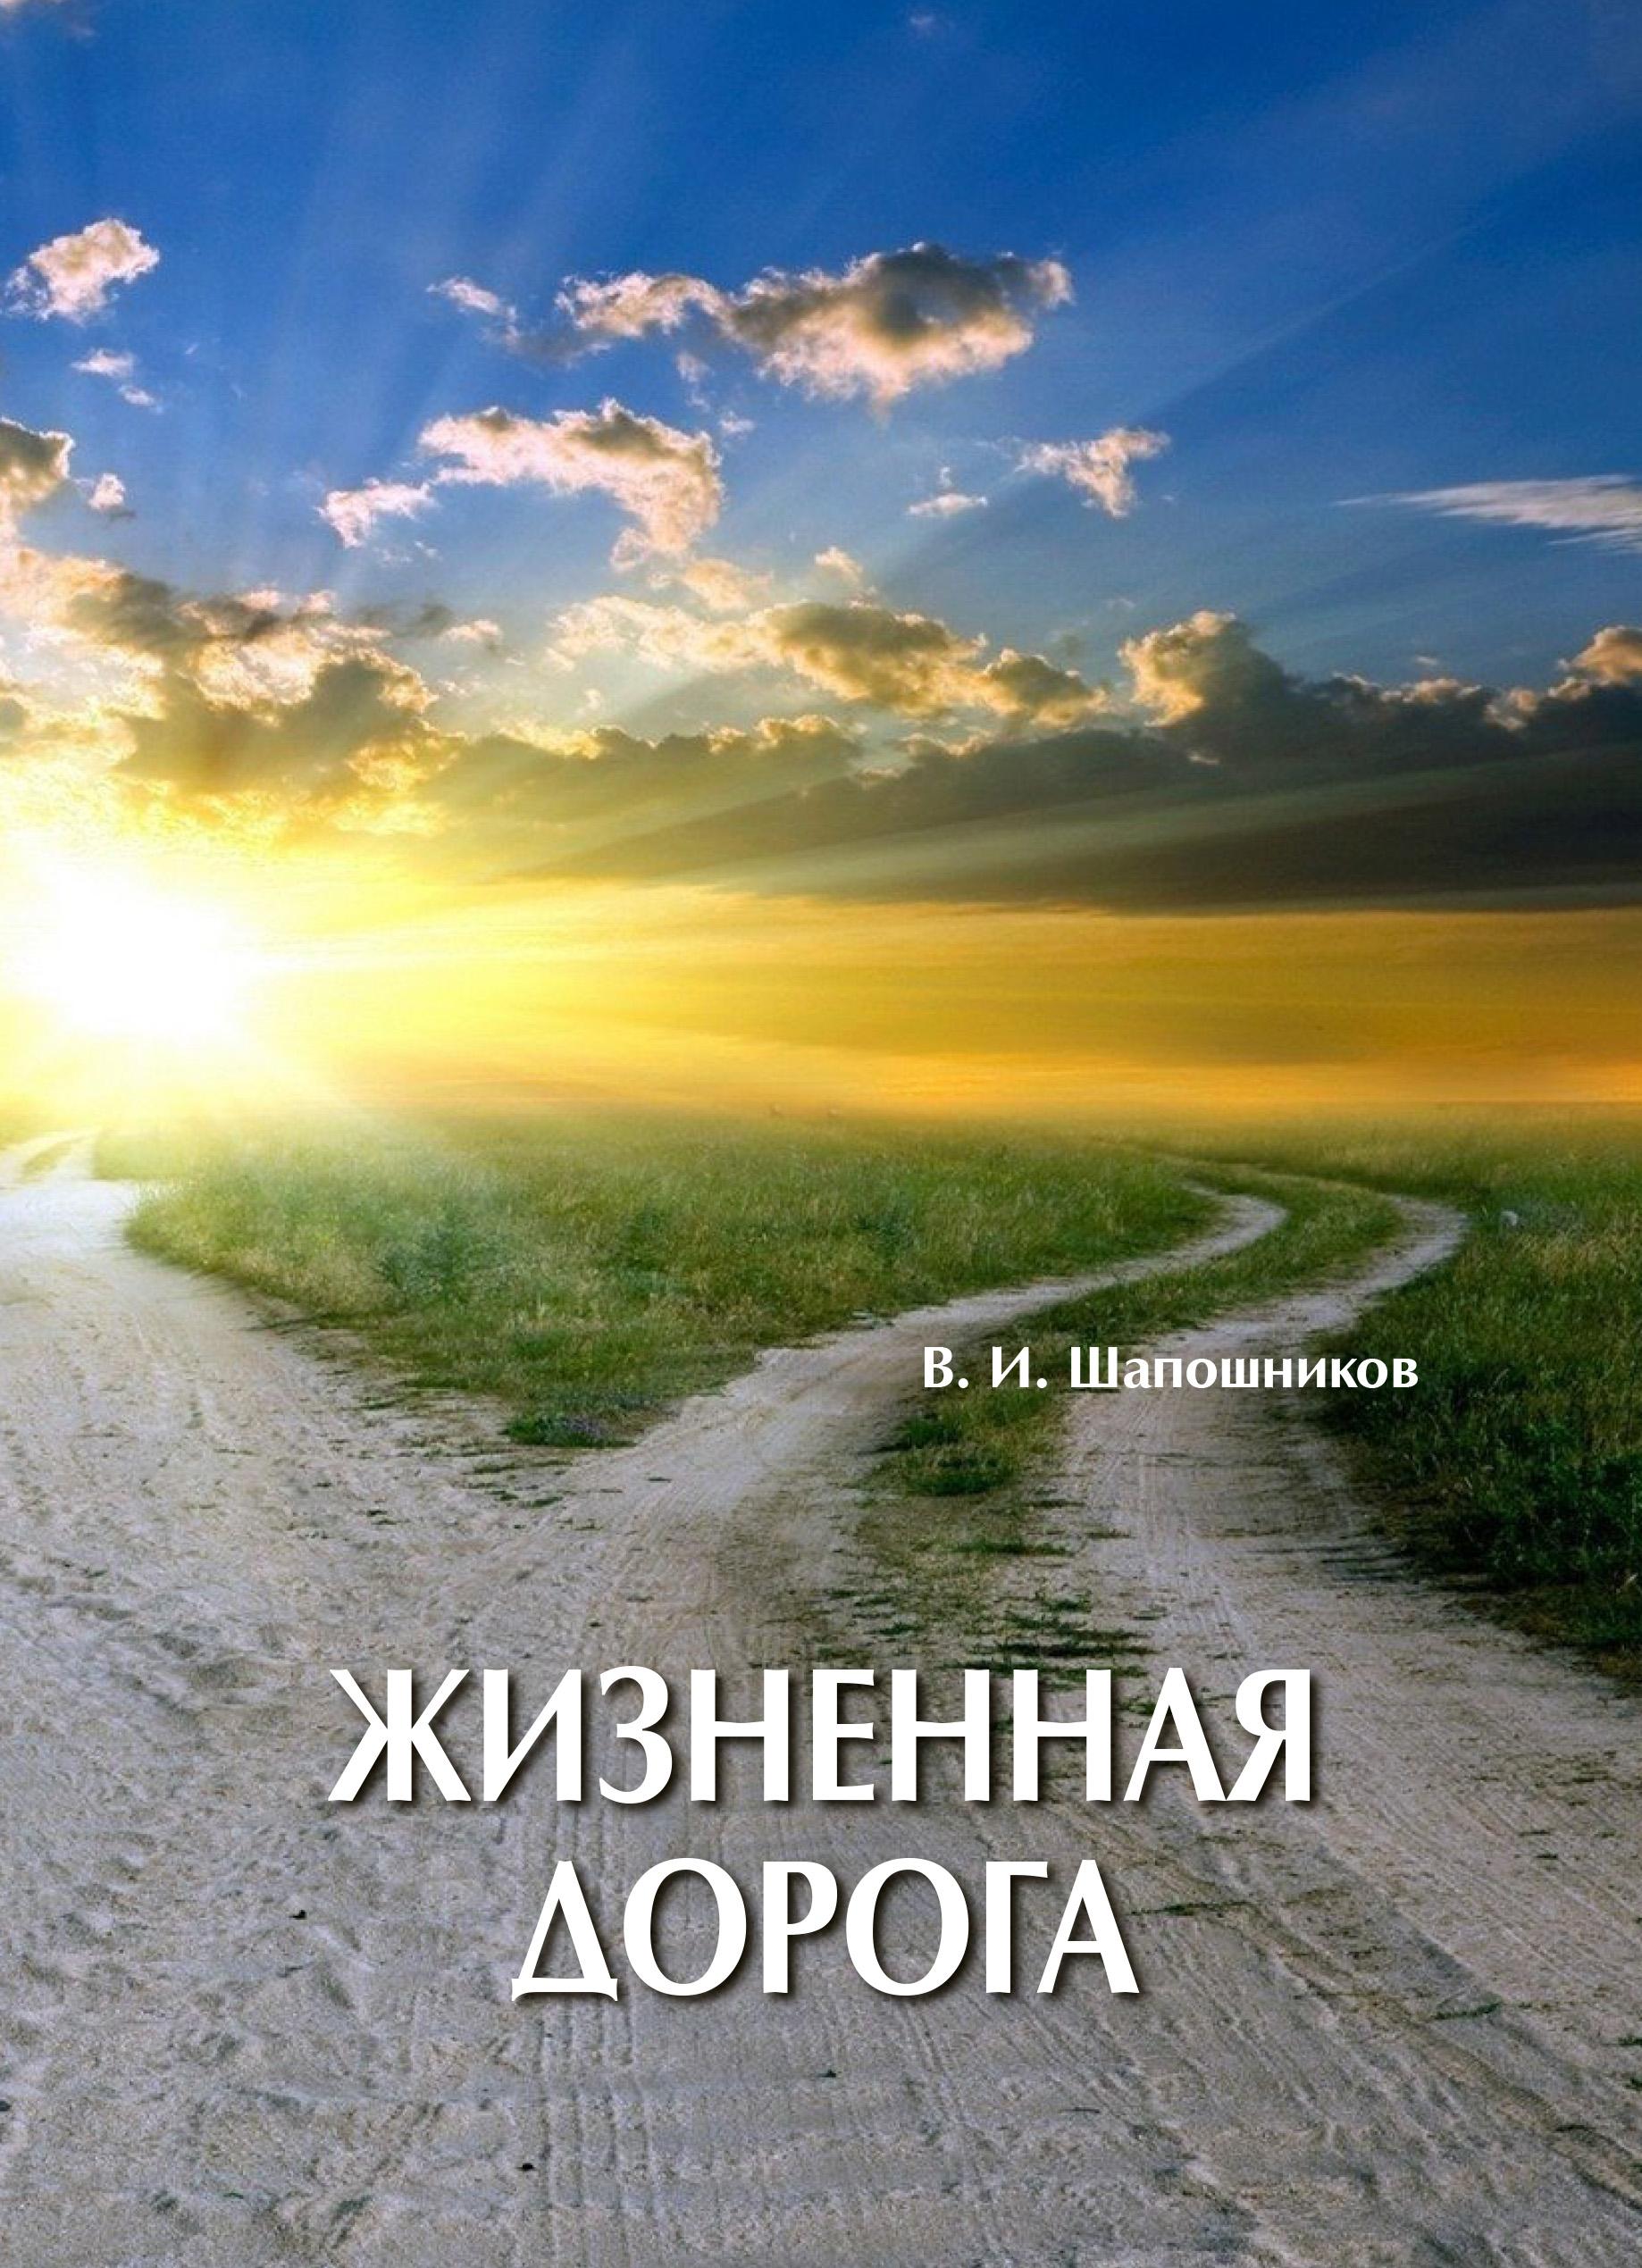 Вениамин Шапошников Жизненная дорога вениамин шапошников жизненная дорога